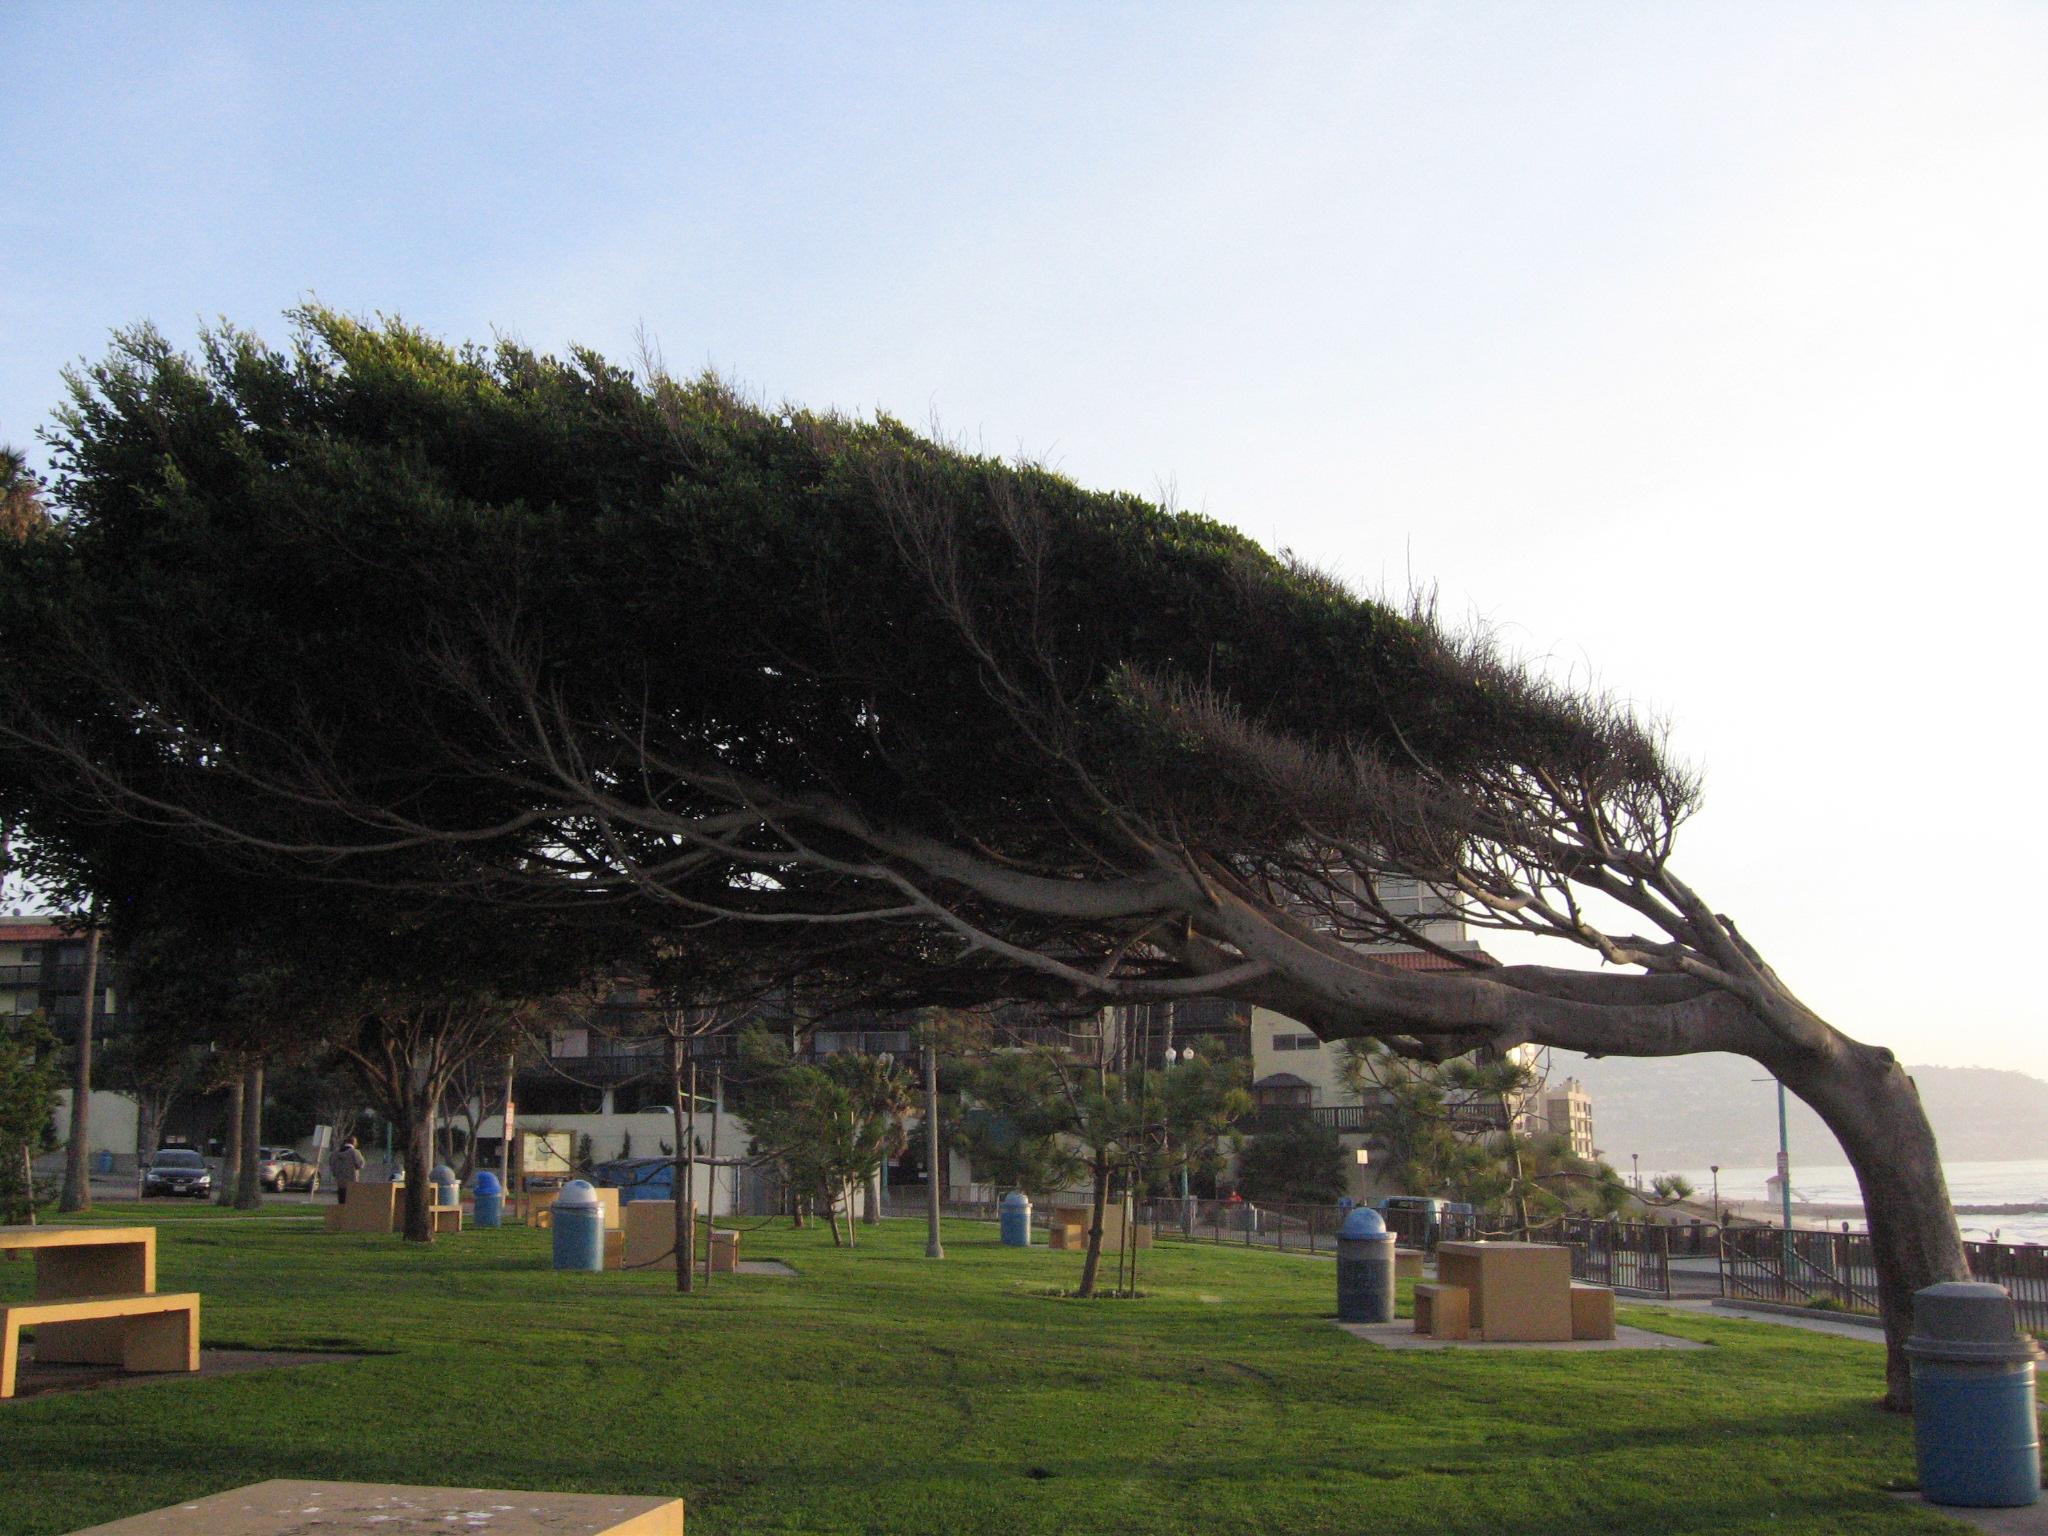 File:Windswept tree - Redondo.jpg - Wikimedia Commons